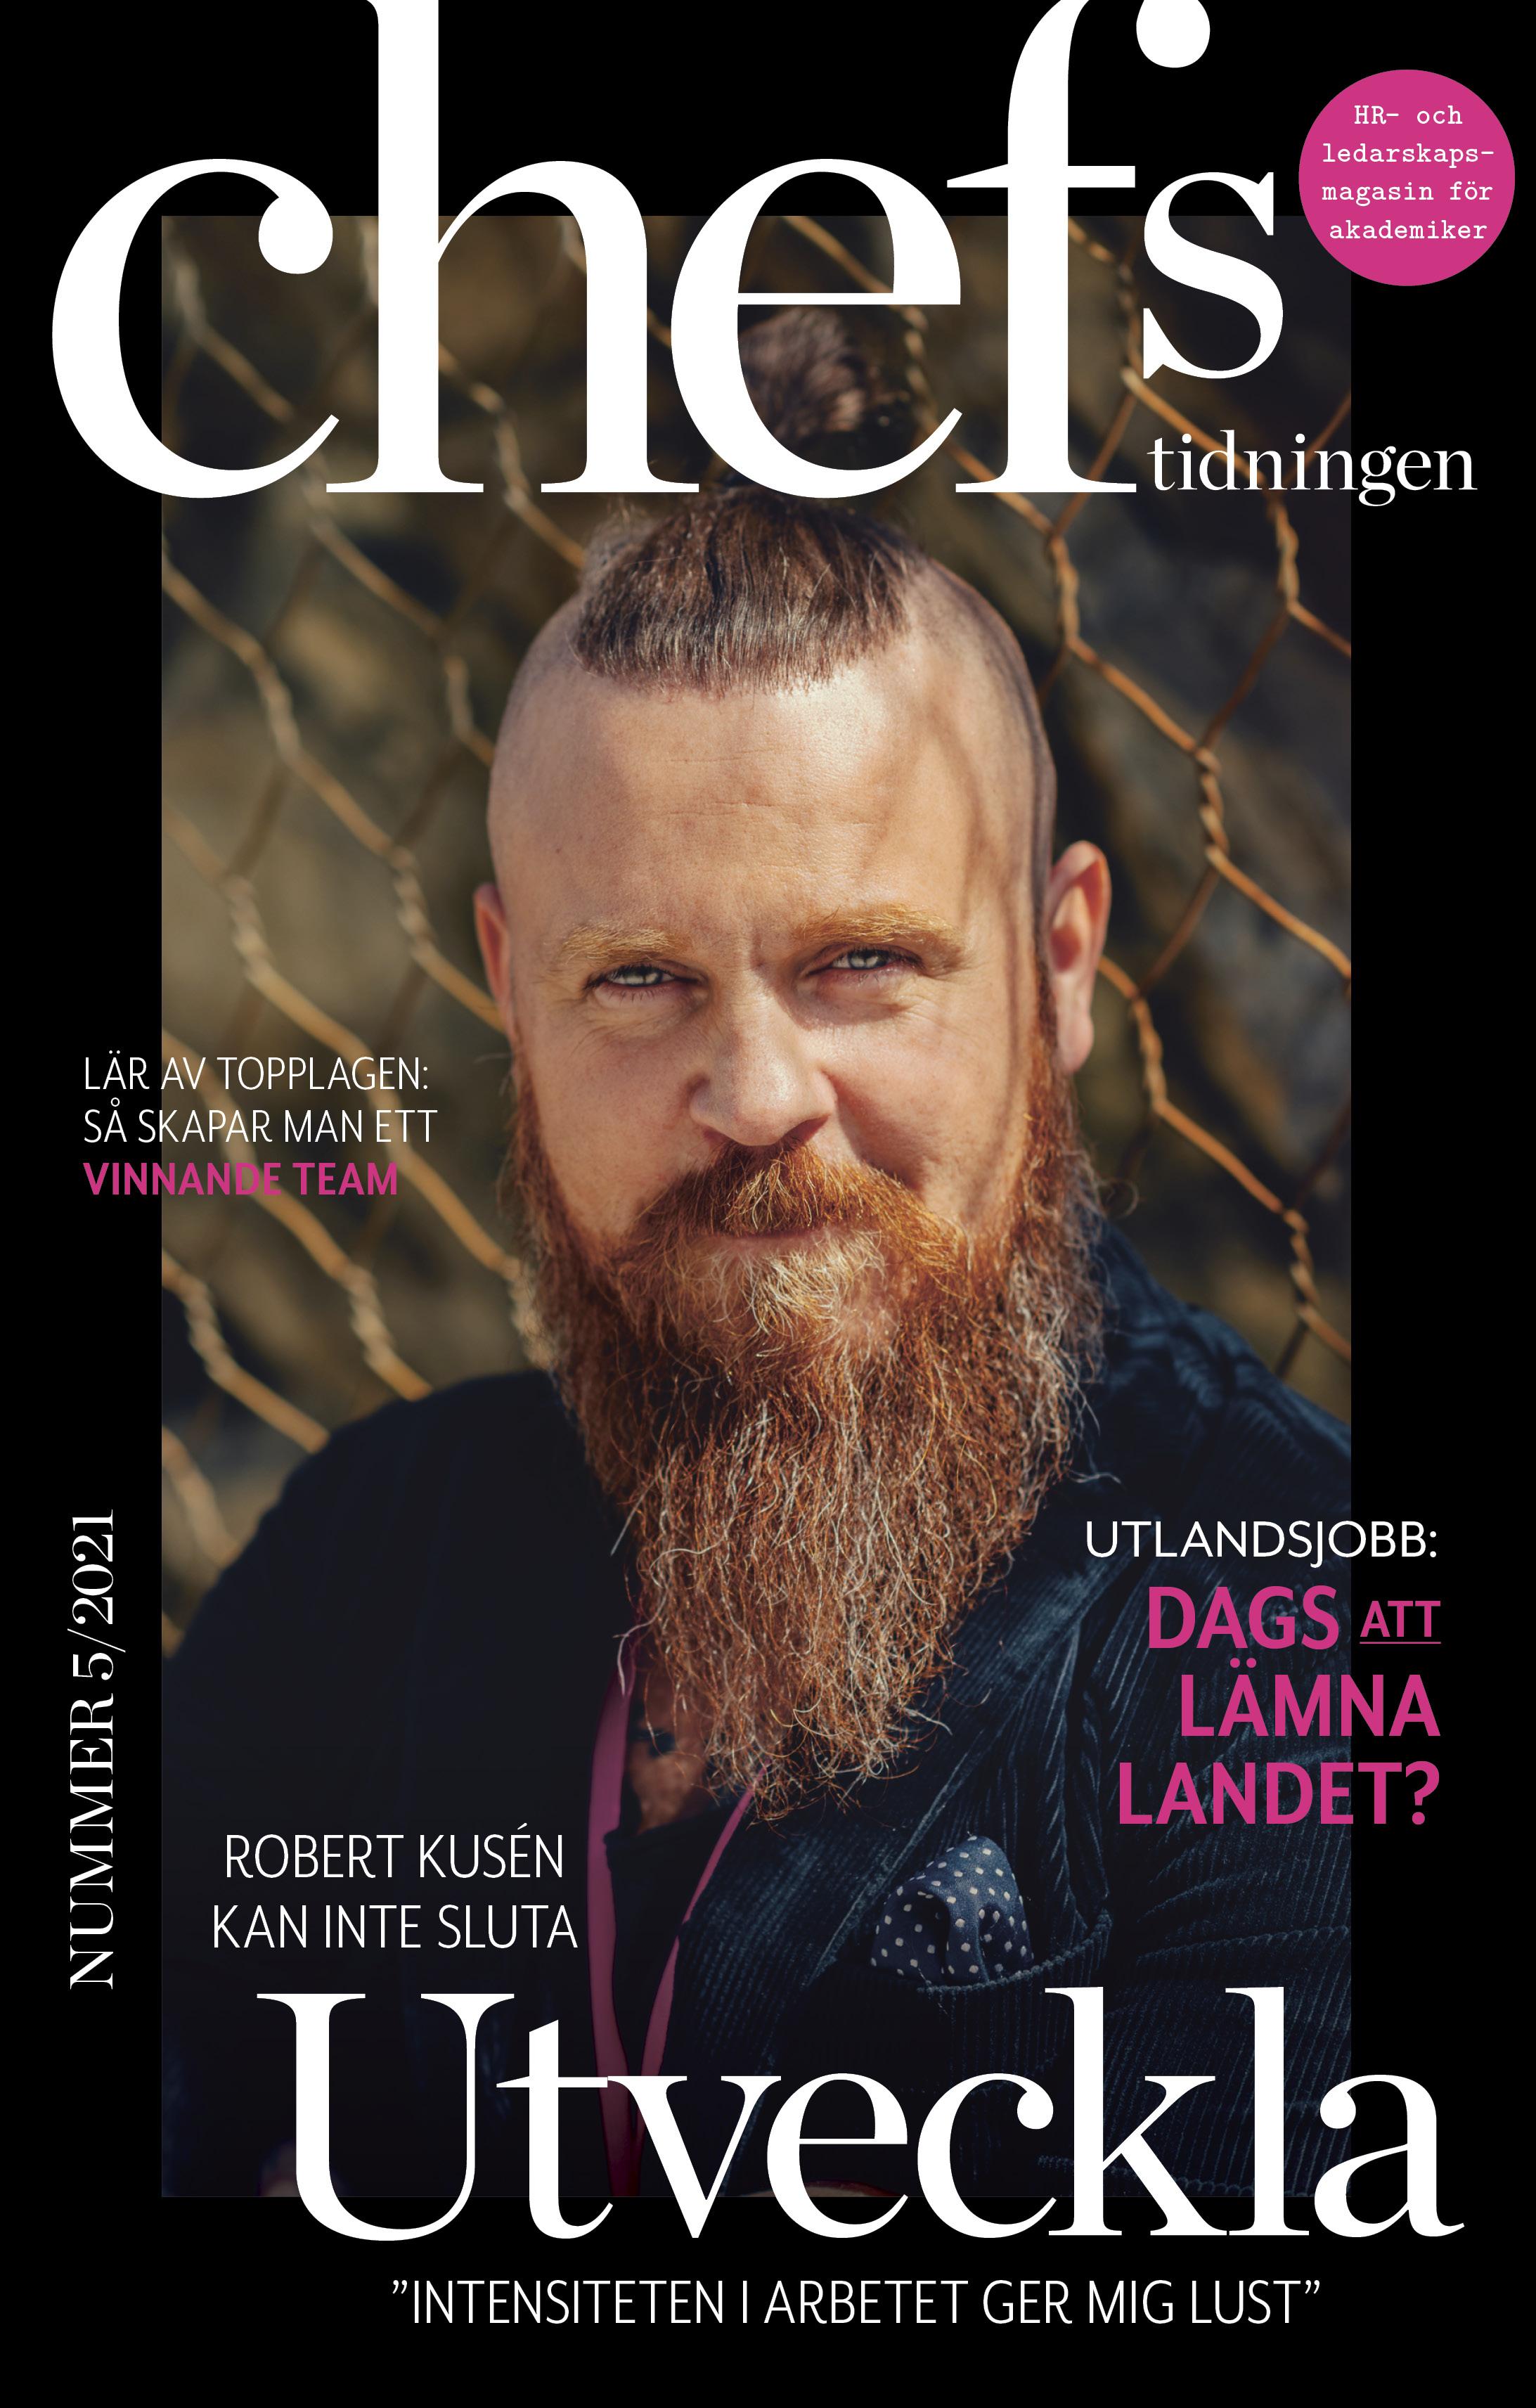 Omslag av Chefstidningens nya nummer.